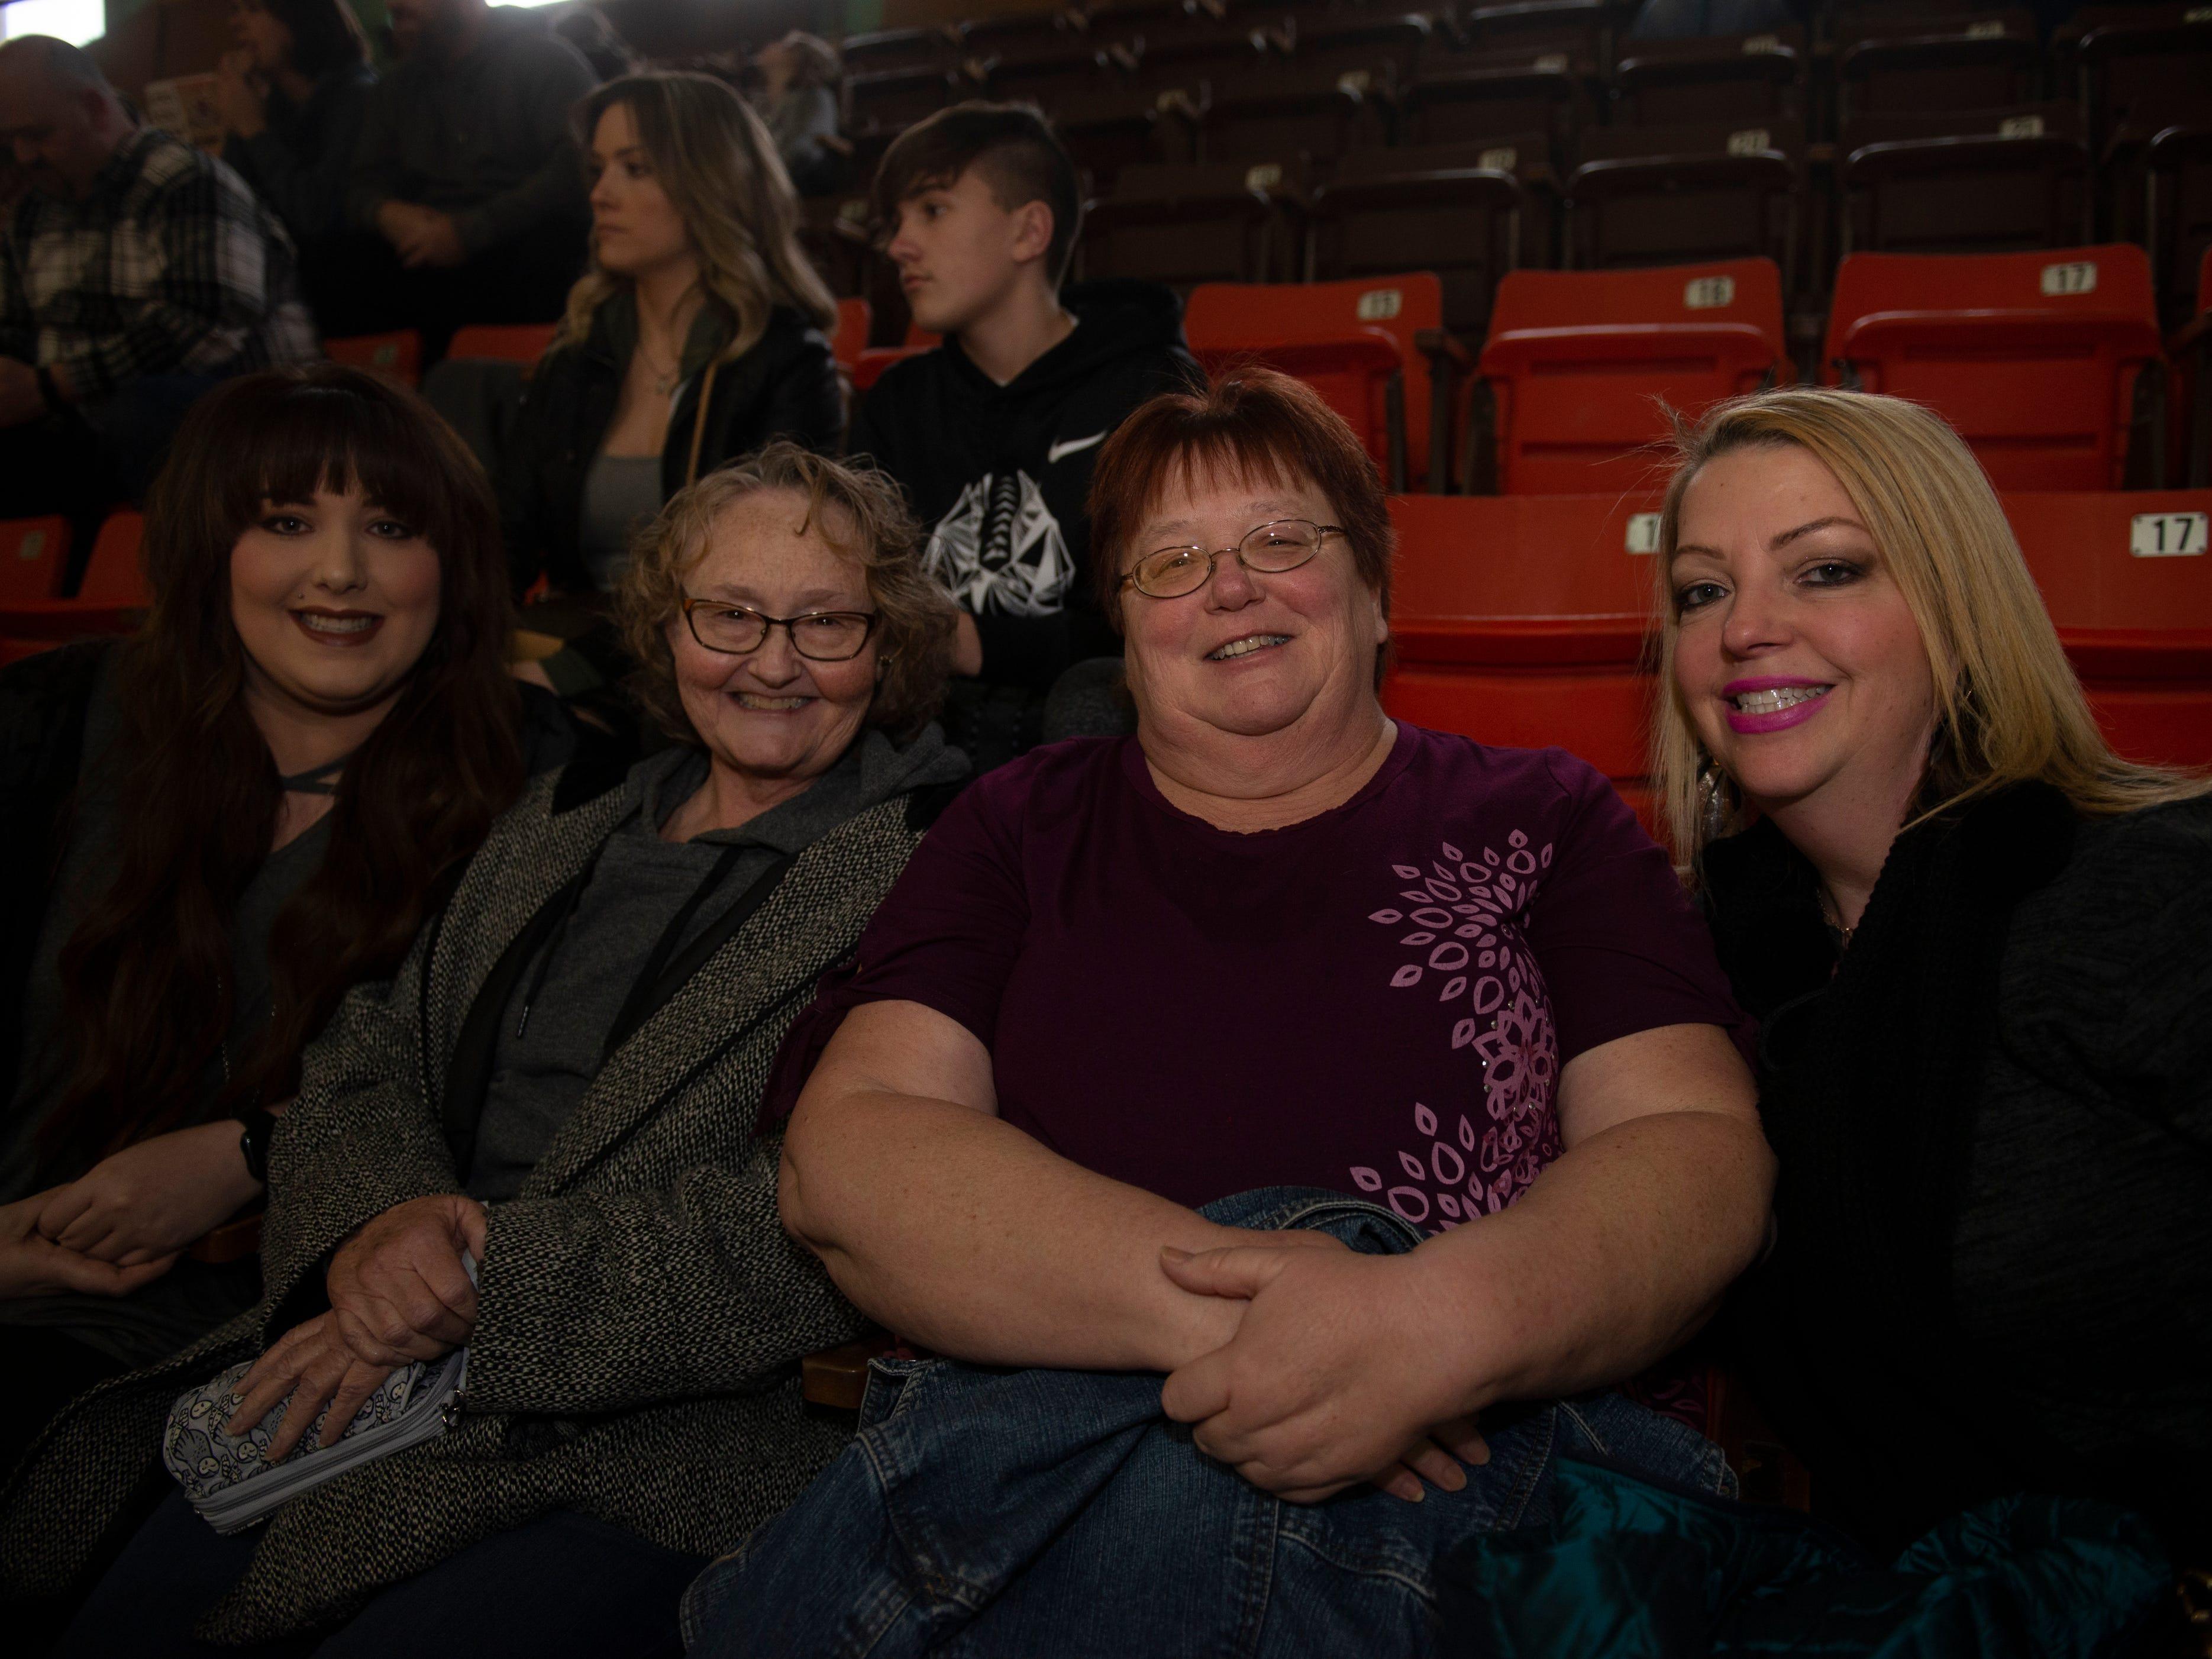 Rachel, Shelia, Kathy, Shelby